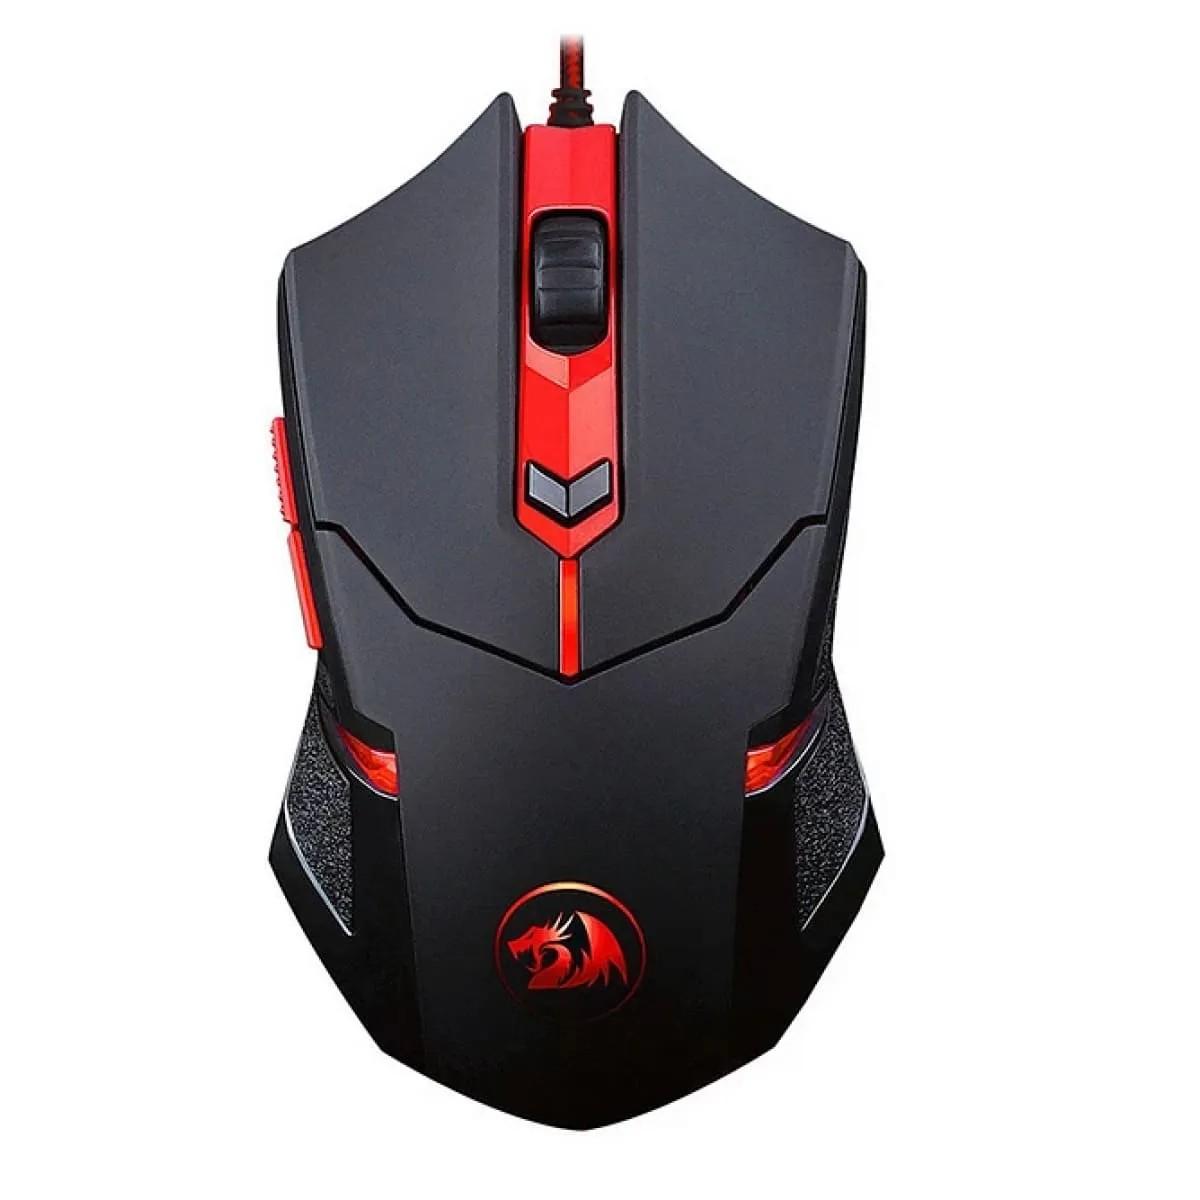 Mouse Gamer Redragon Cerberus M703 RGB 7200 DPI 6 Botões